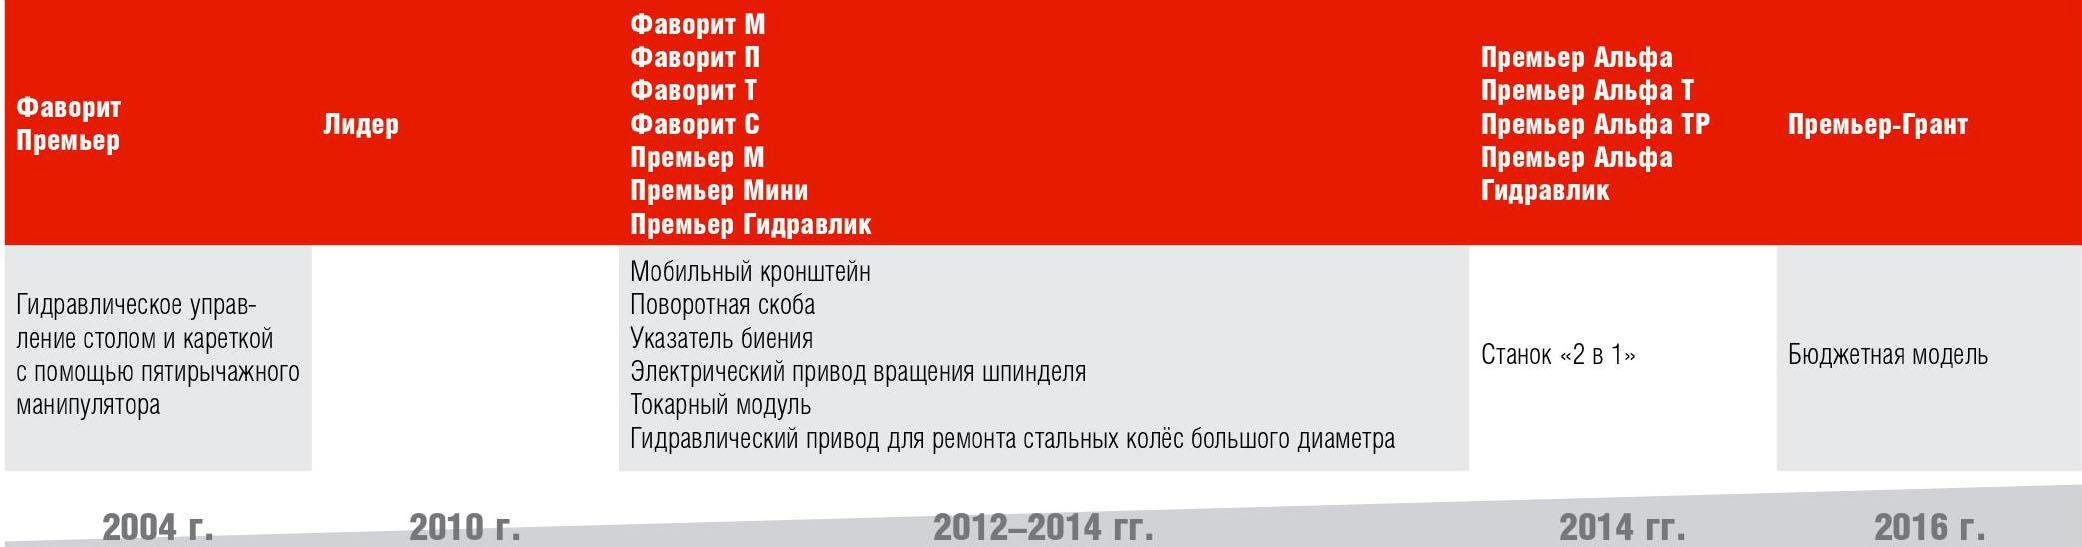 Сибек График